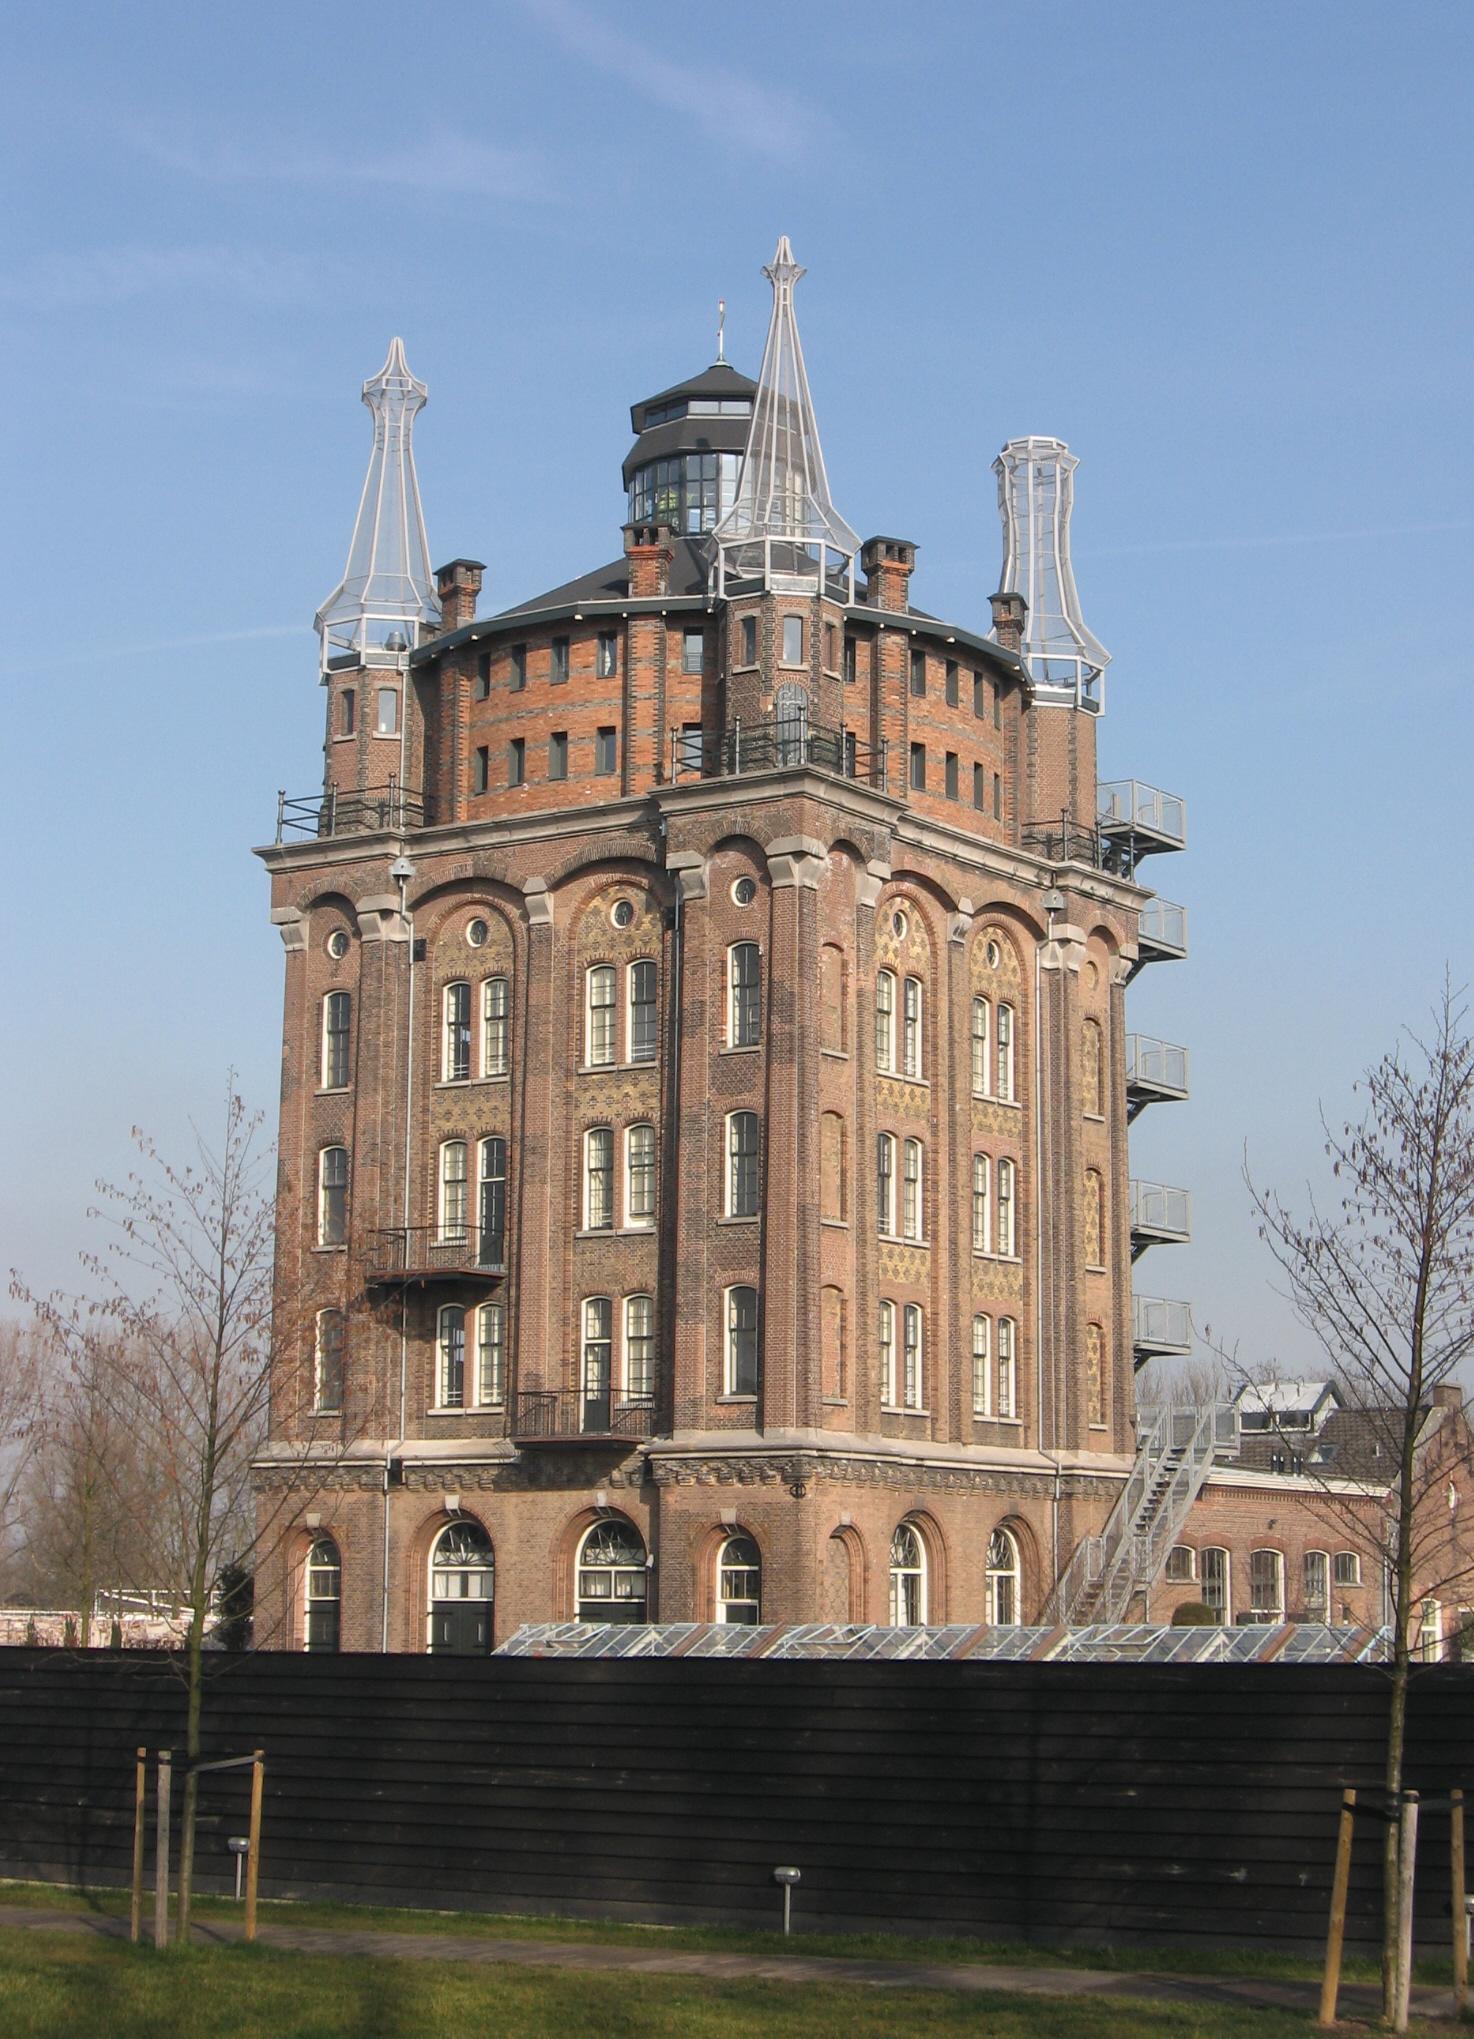 dating online Dordrecht